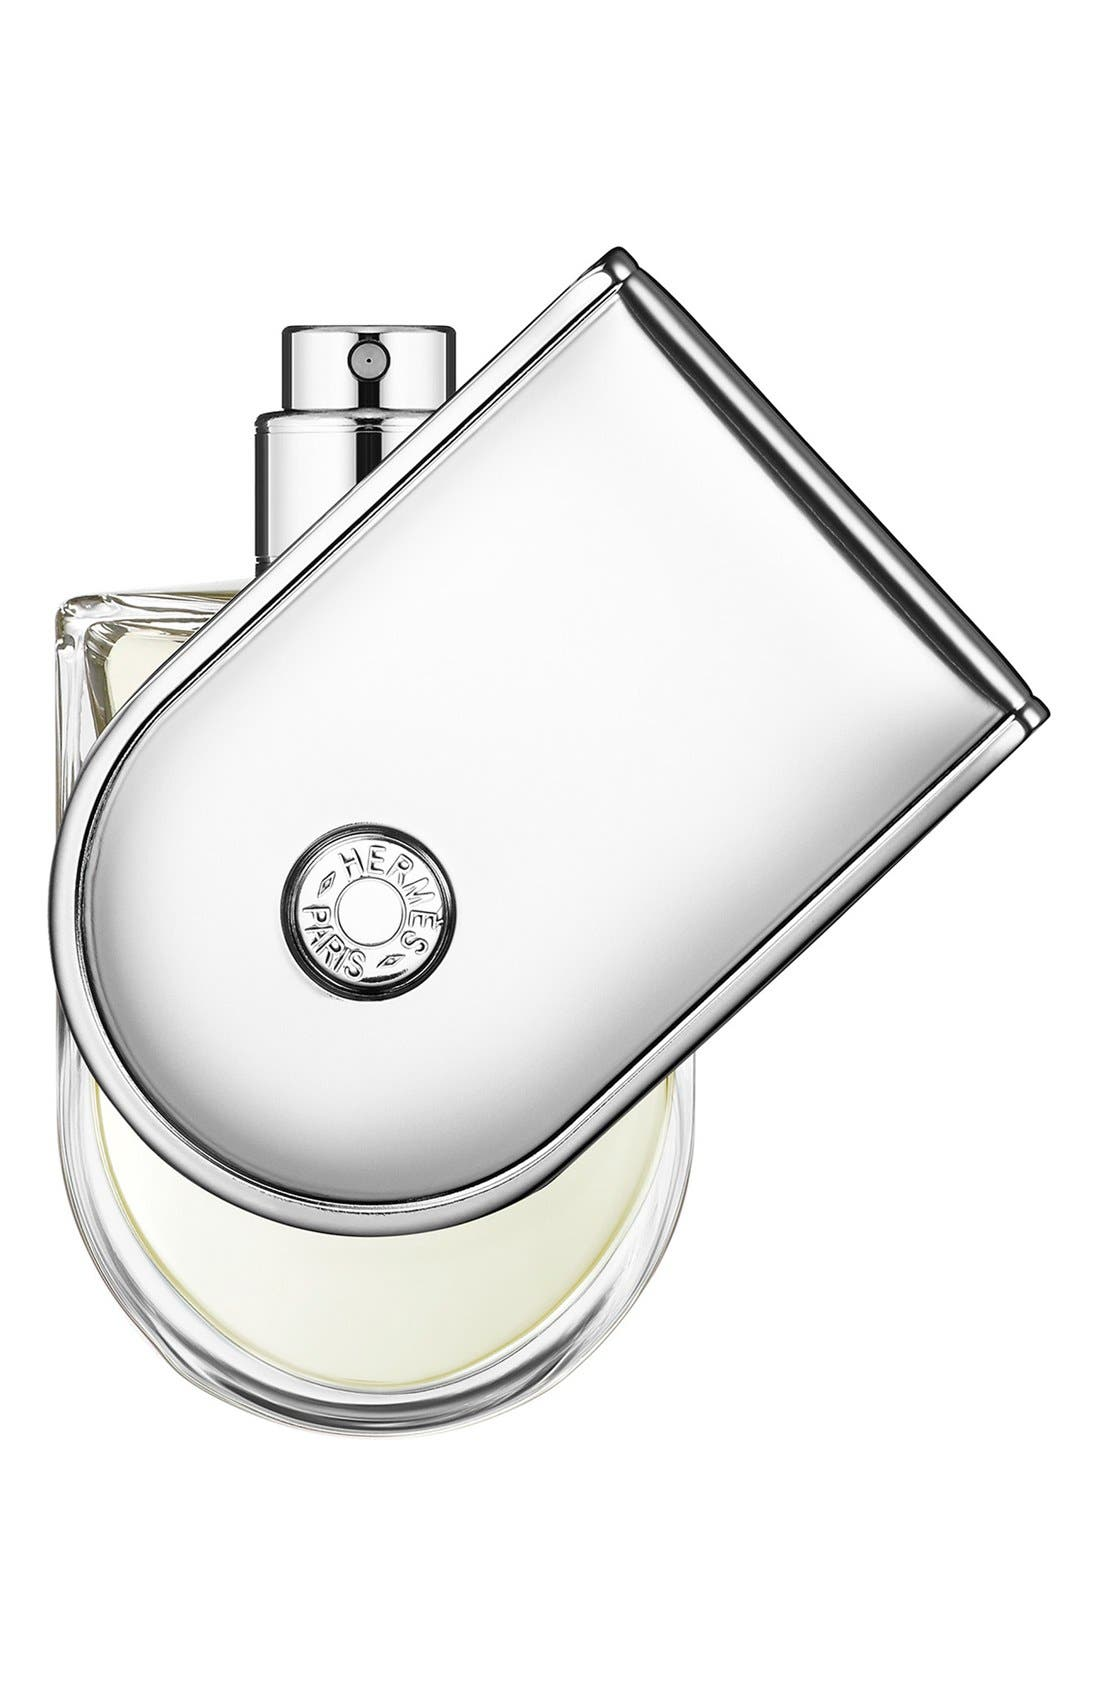 Hermès Voyage d'Hermès - Eau de toilette,                             Main thumbnail 1, color,                             000